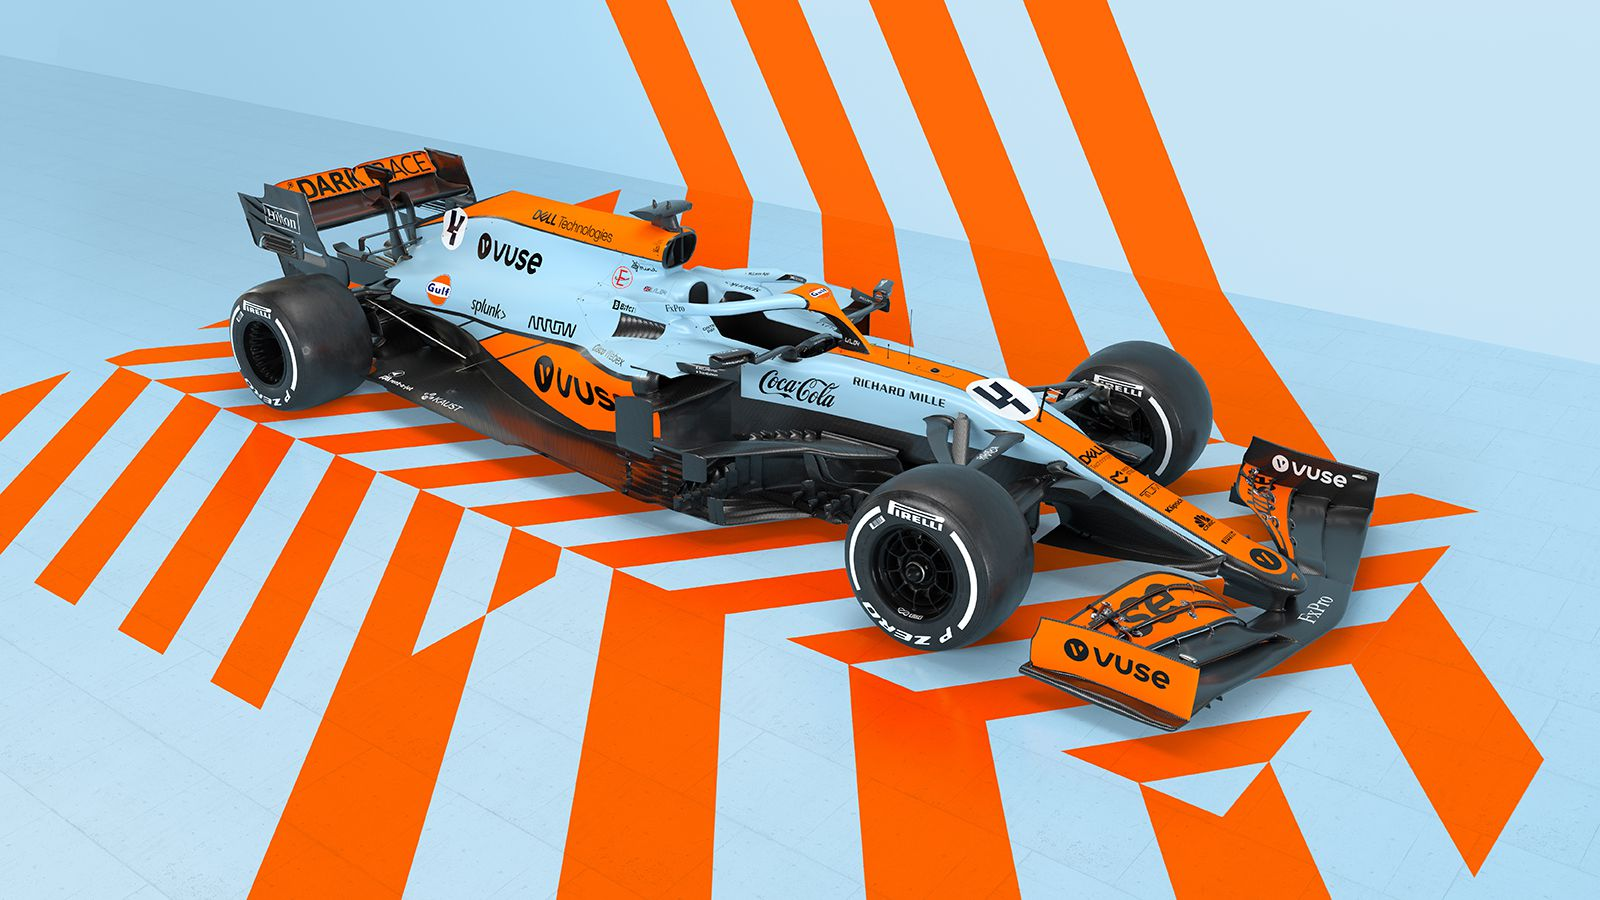 Nuova livrea per la McLaren nel Gp di Monaco di F1.